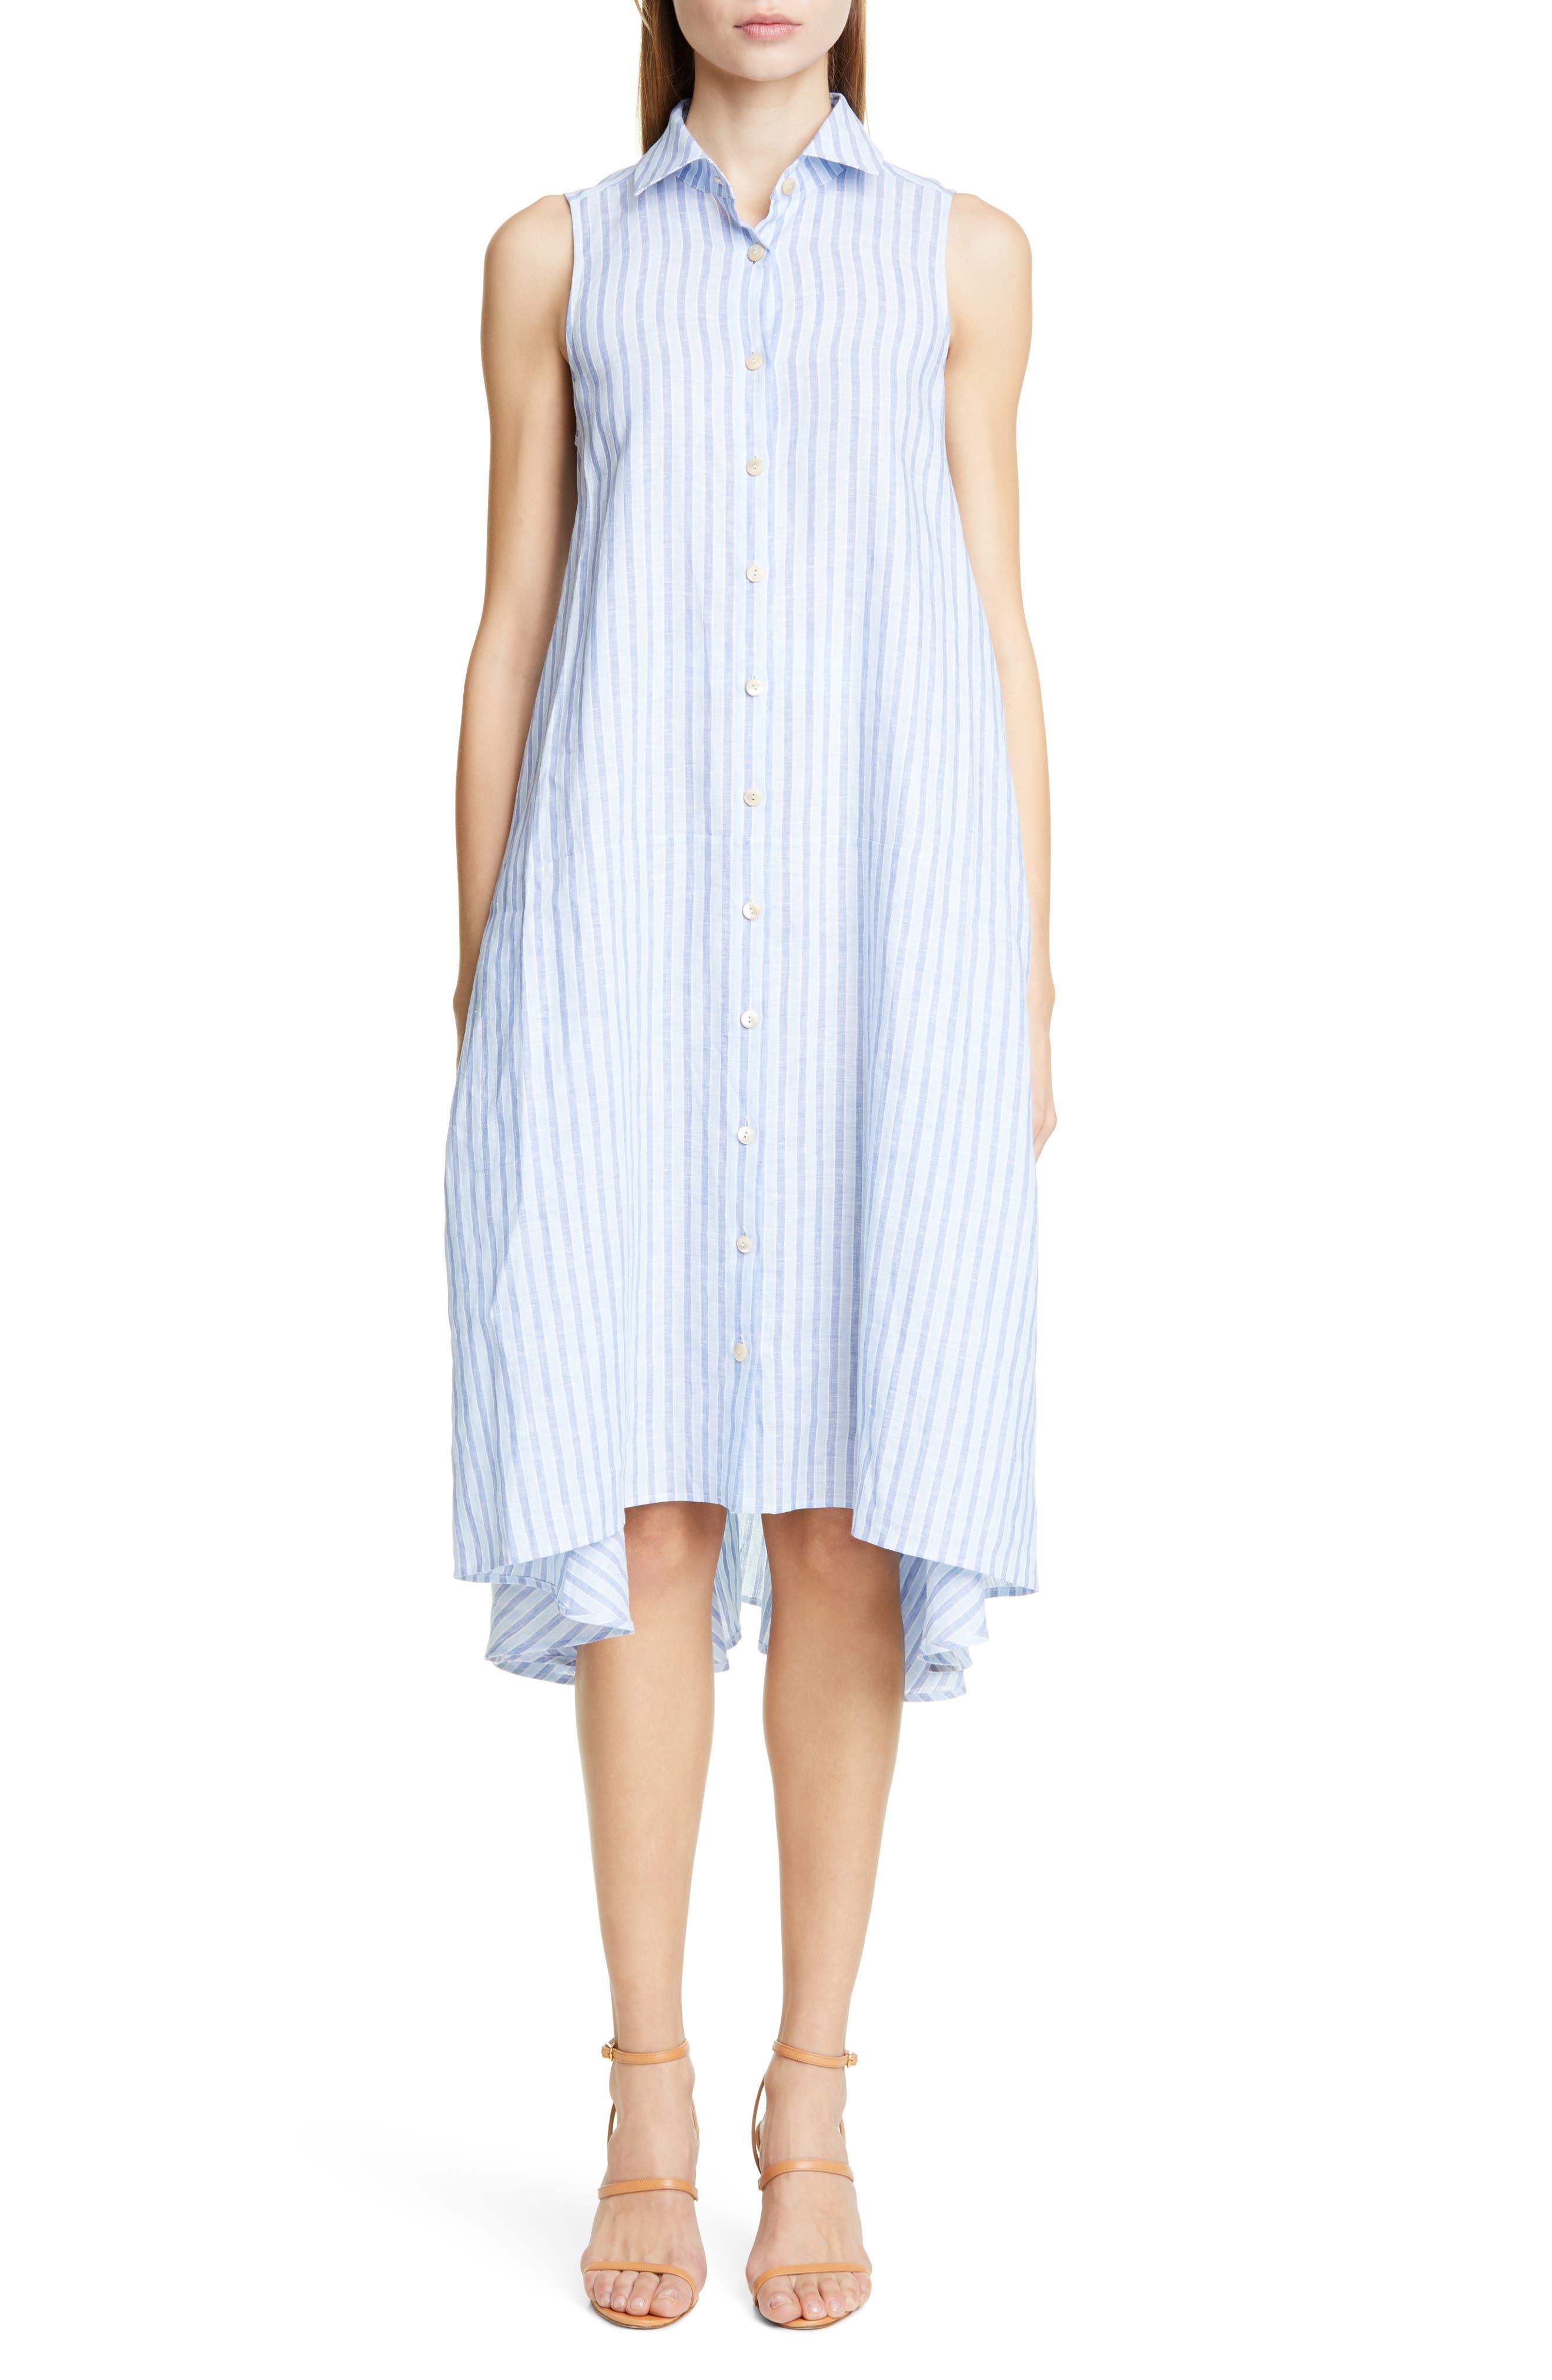 Palmer/harding Sedona Sleeveless Shirtdress, US / 6 UK - Blue